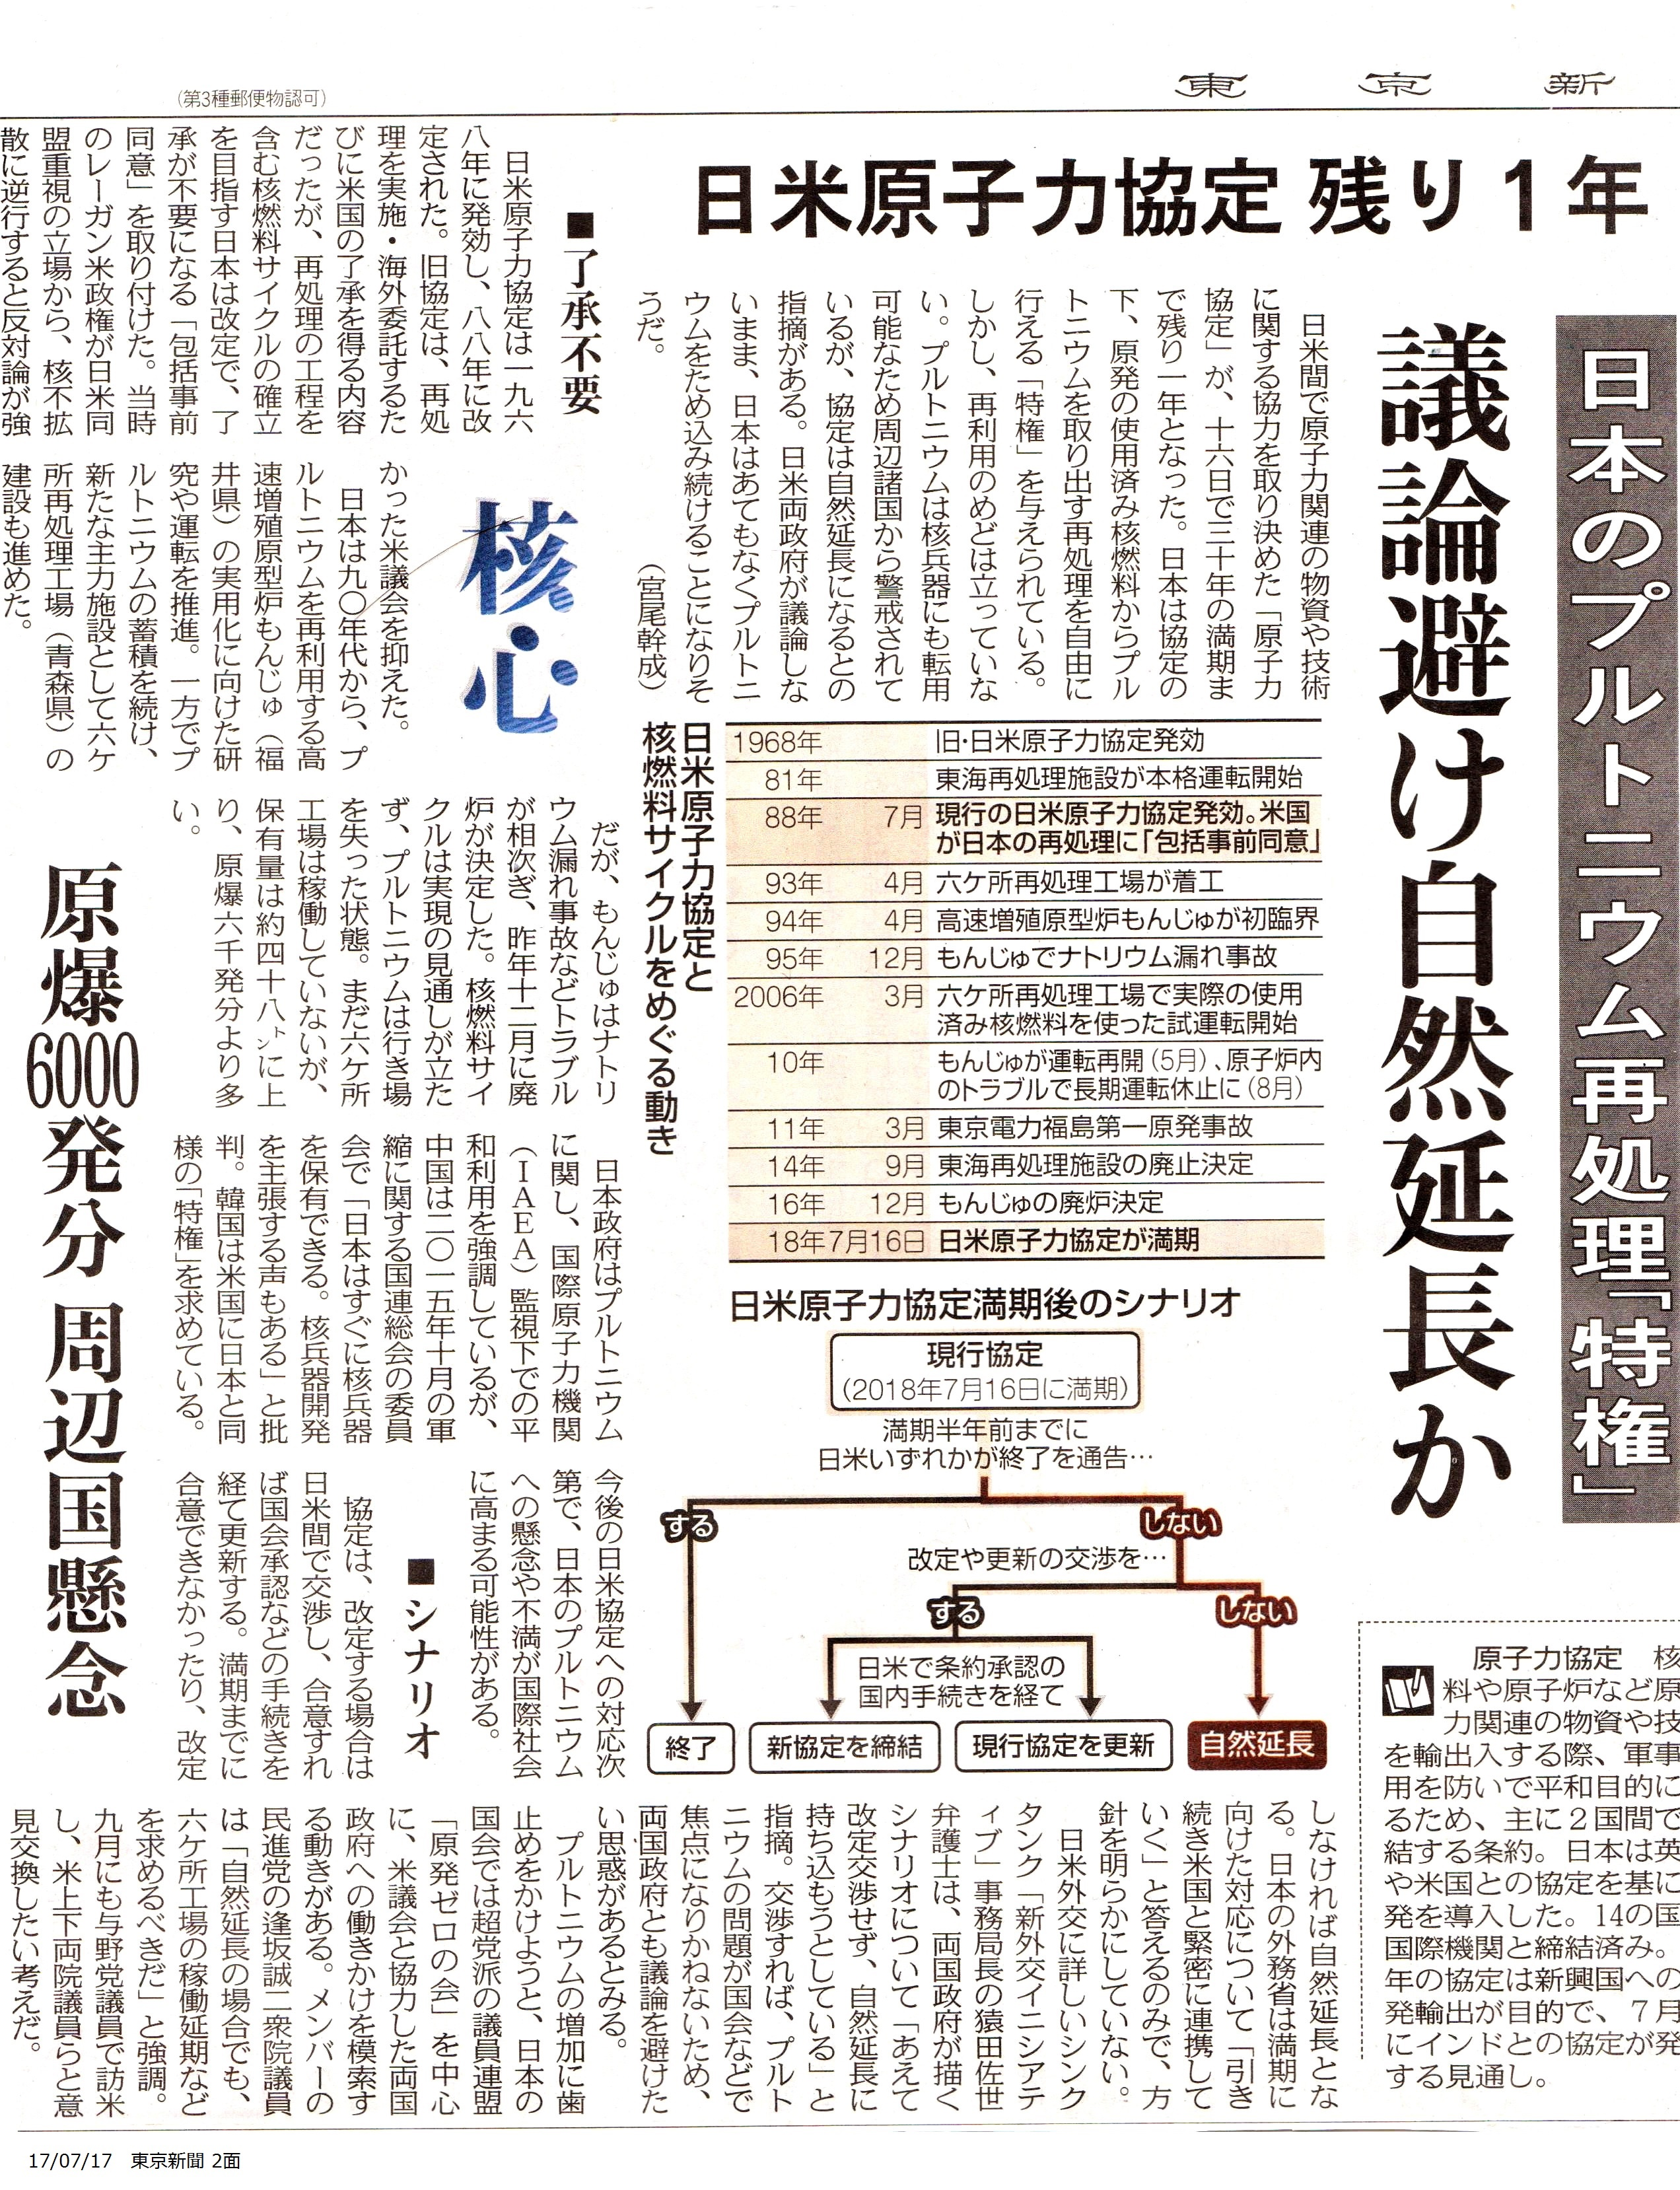 【東京新聞 7/17】